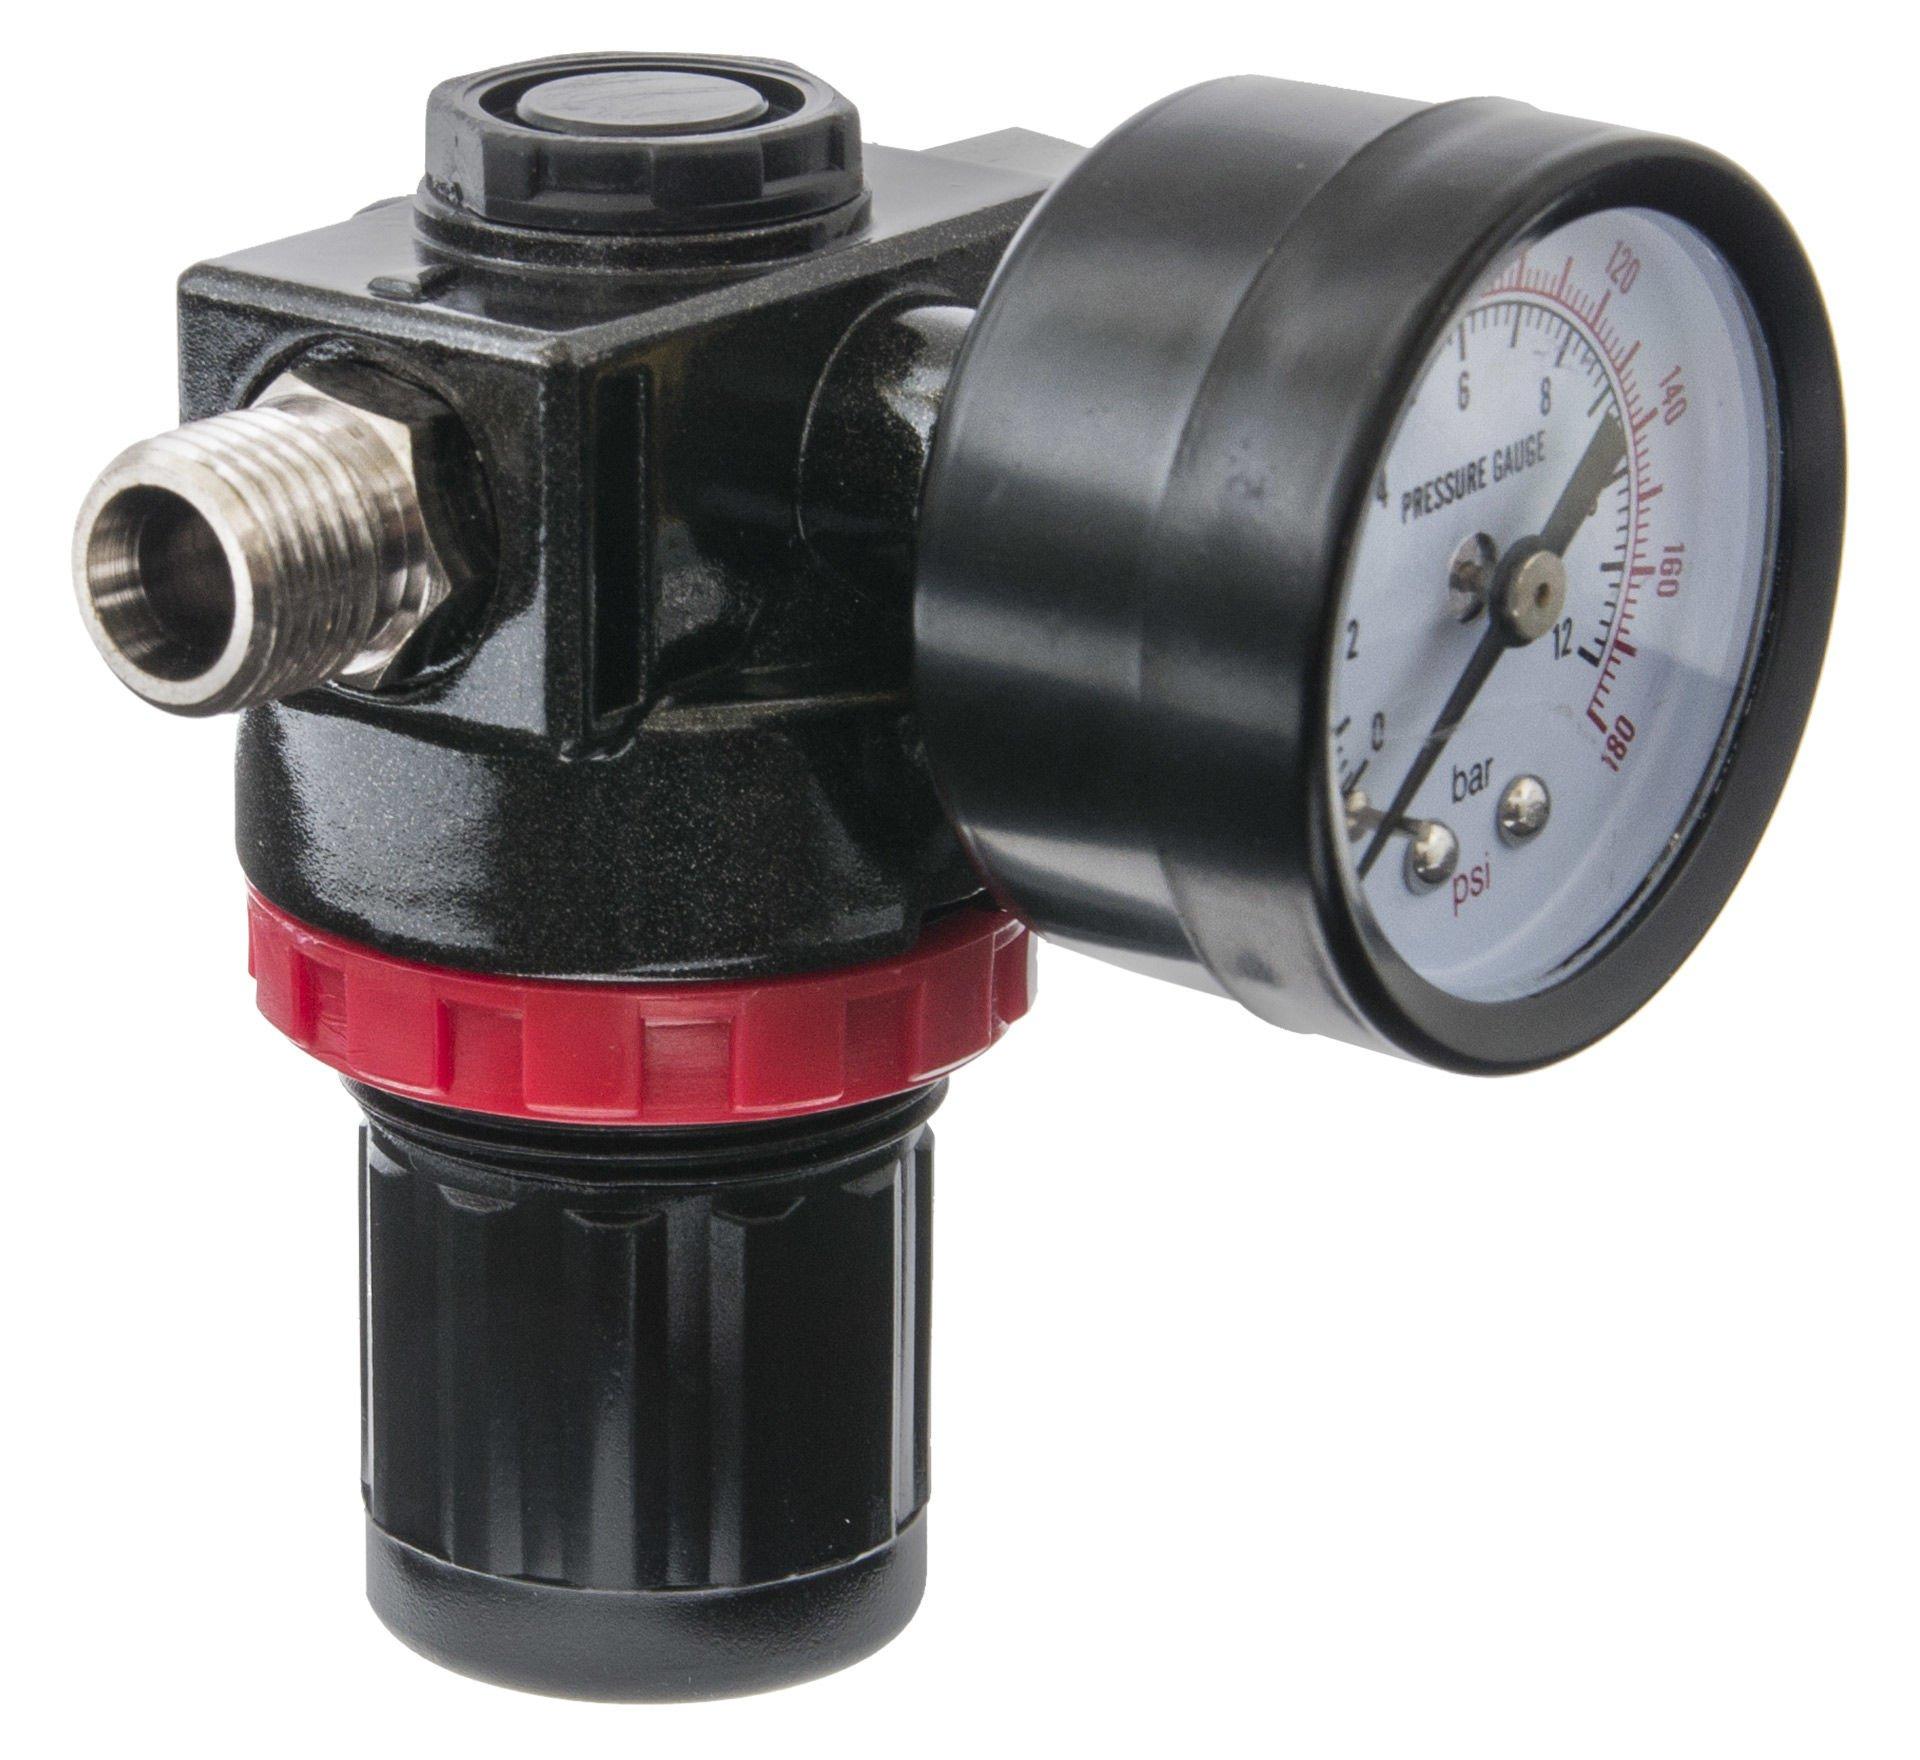 Регулятор давления воздуха для компрессора с манометром своими руками 53